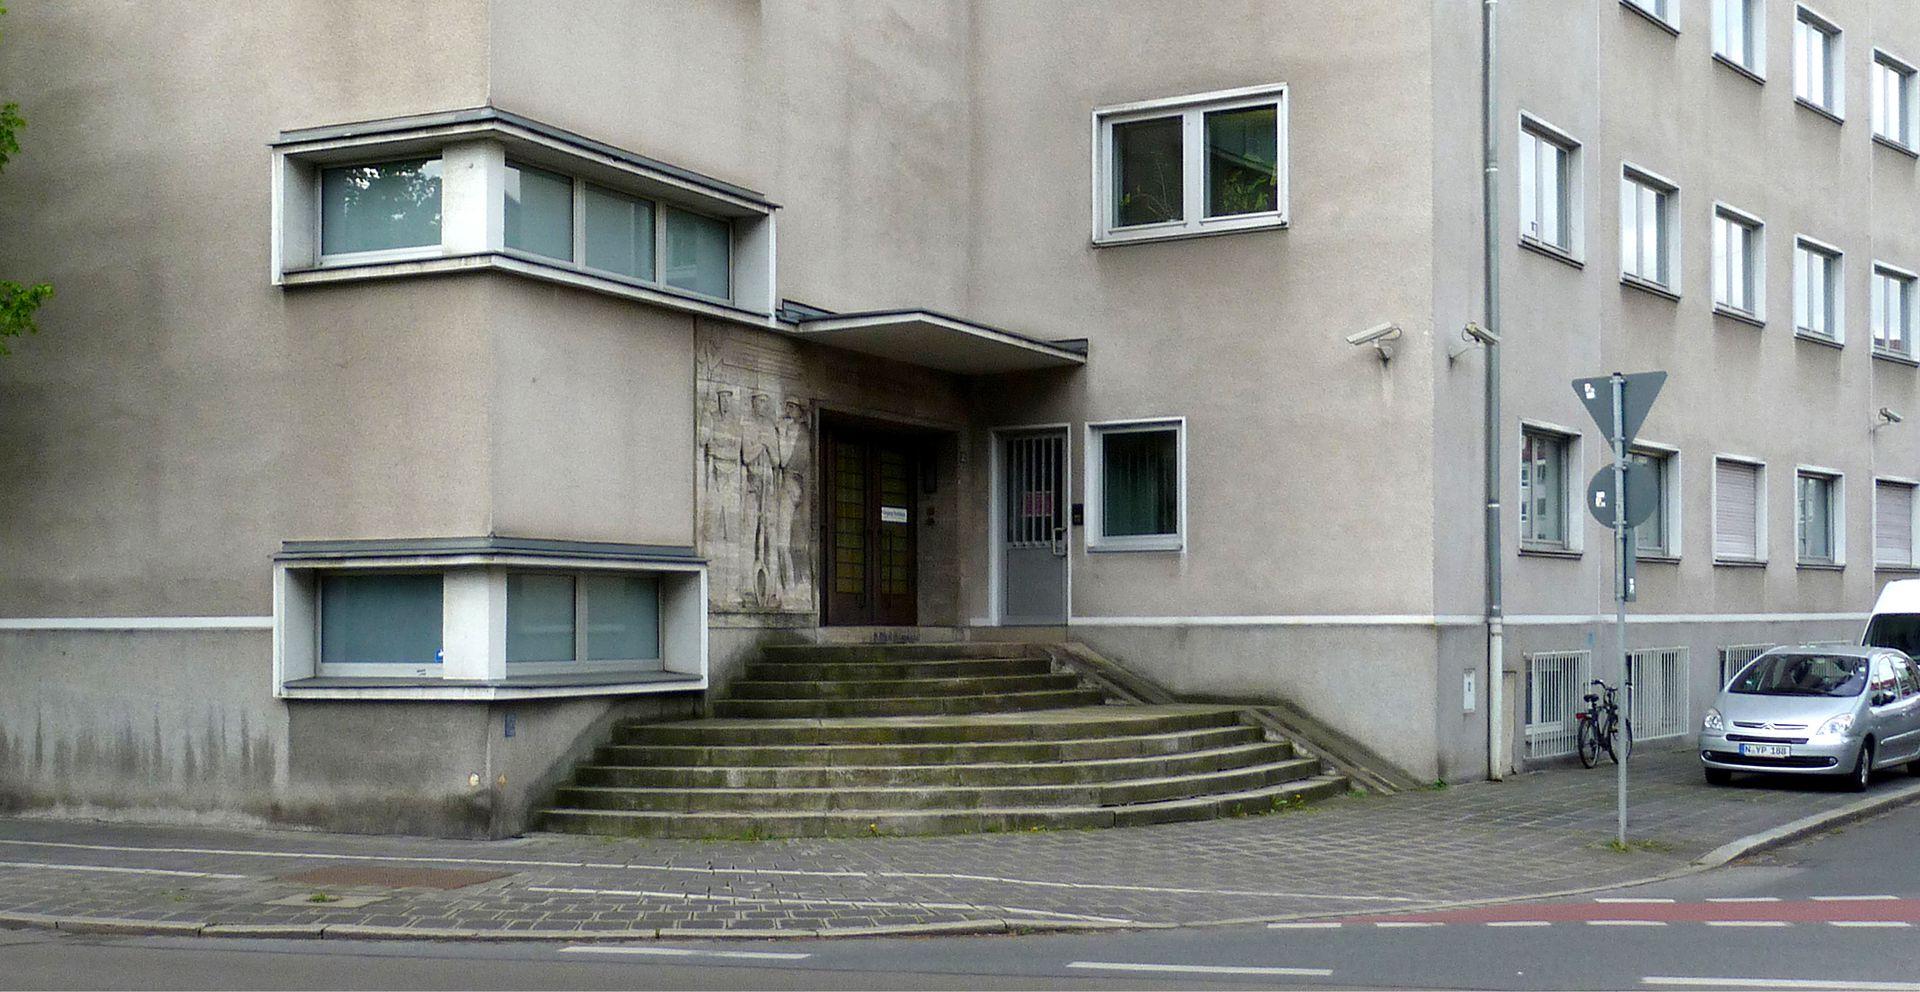 Verwaltungsgebäude des Fränkischen Überlandwerks Eingangsbereich mit Treppe